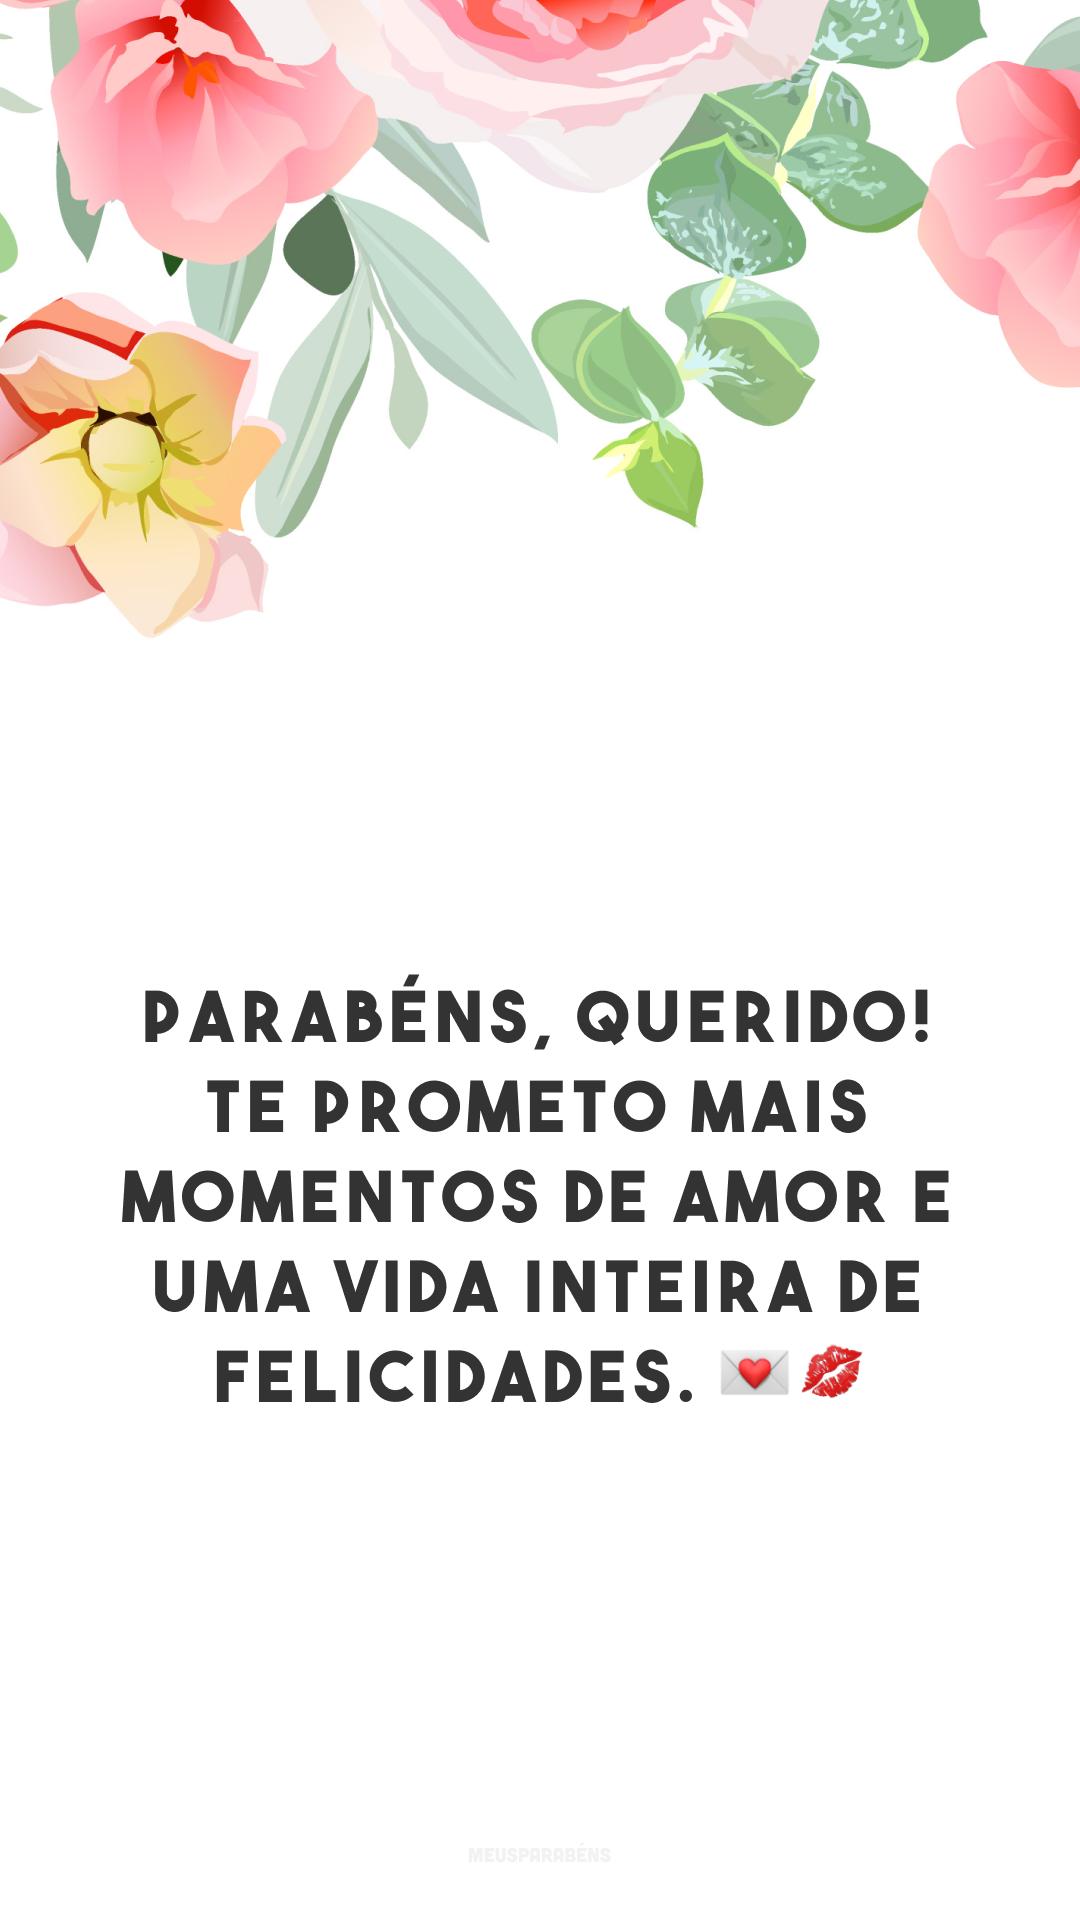 Parabéns, querido! Te prometo mais momentos de amor e uma vida inteira de felicidades. 💌💋